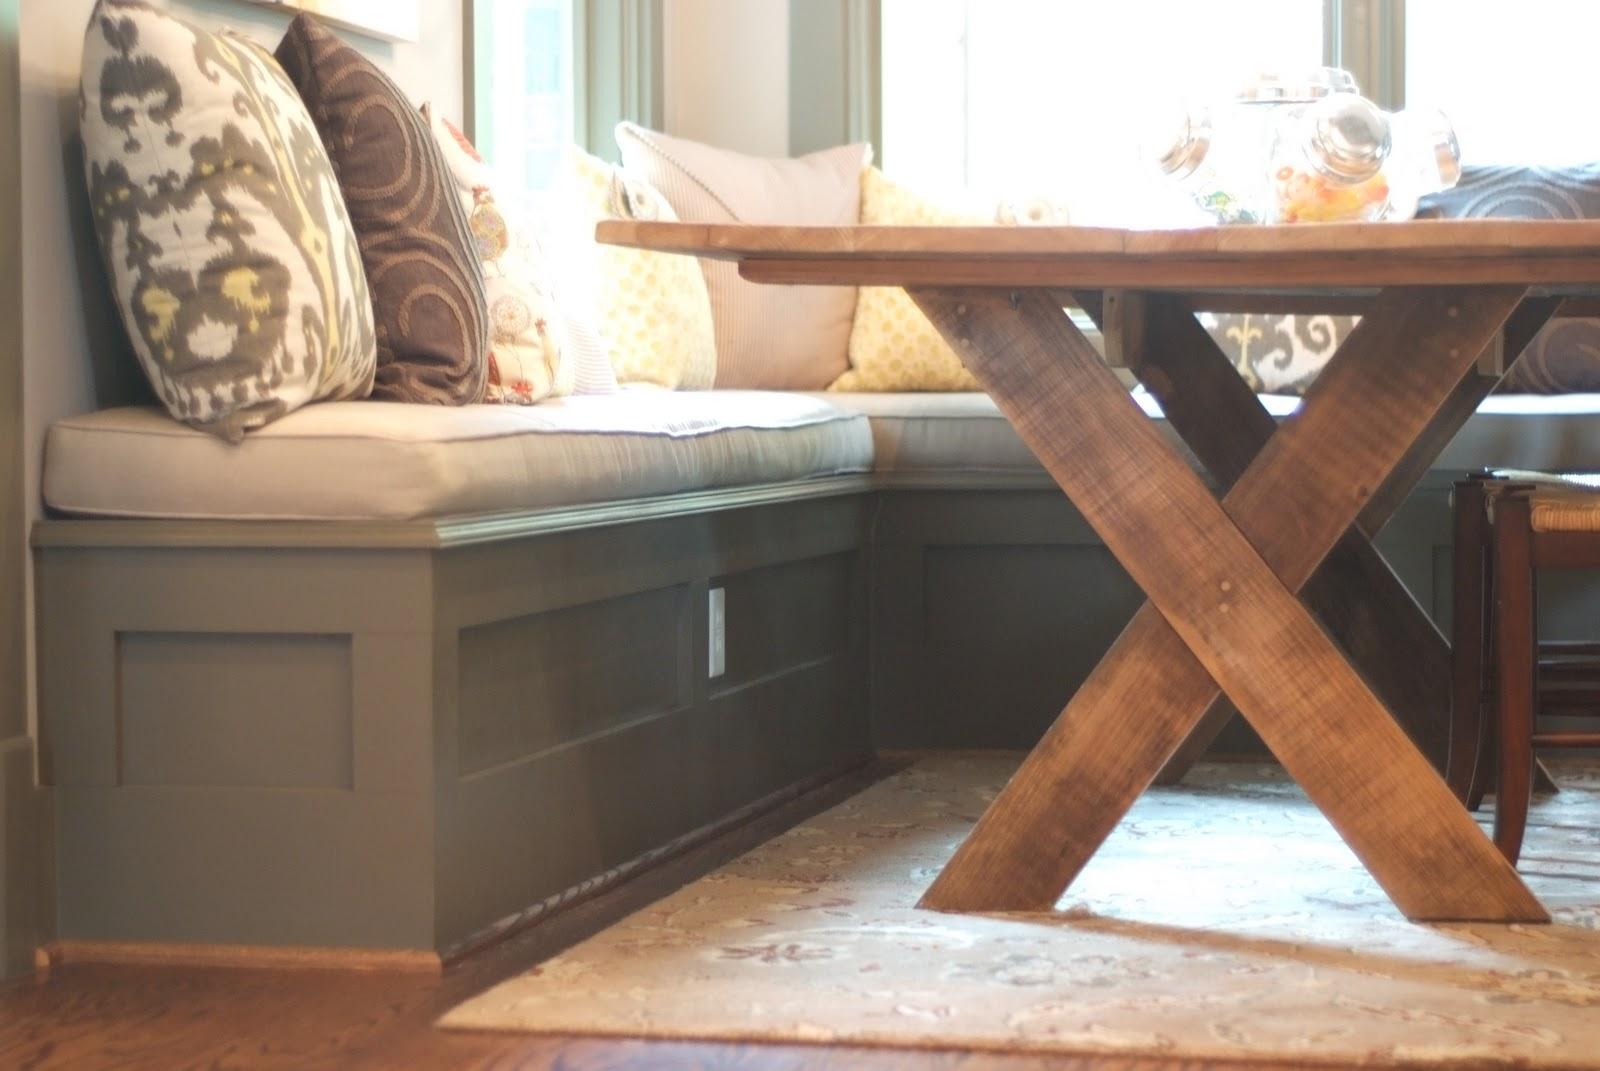 Kiwi Wood Werks & Designs: & Designs (custom breakfast